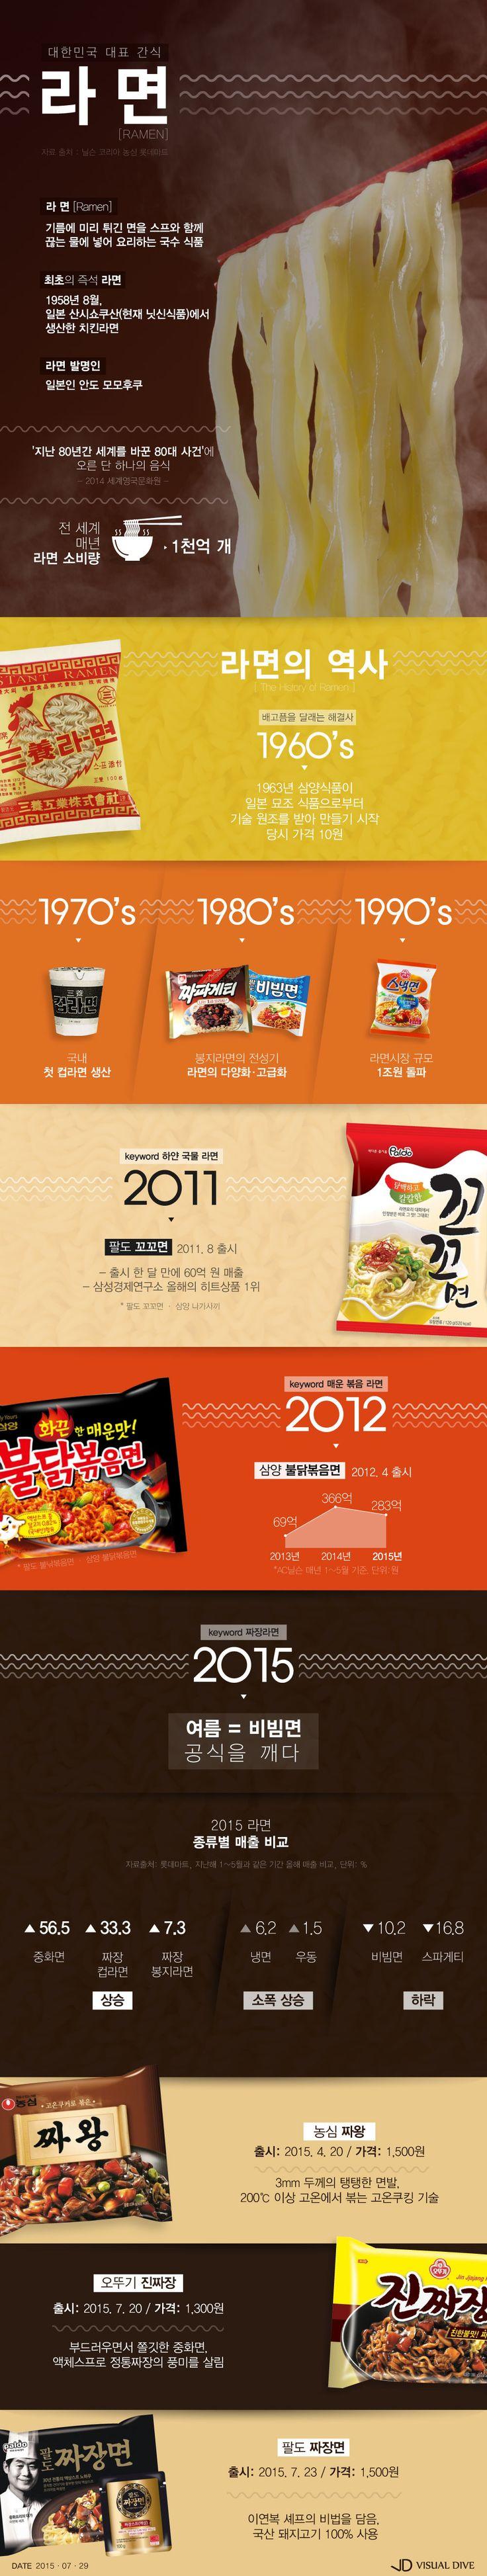 볶음면·짜장면…알고 먹으면 더 맛있는 '라면'의 역사 [인포그래픽] #Noodle / #Infographic ⓒ 비주얼다이브 무단 복사·전재·재배포 금지